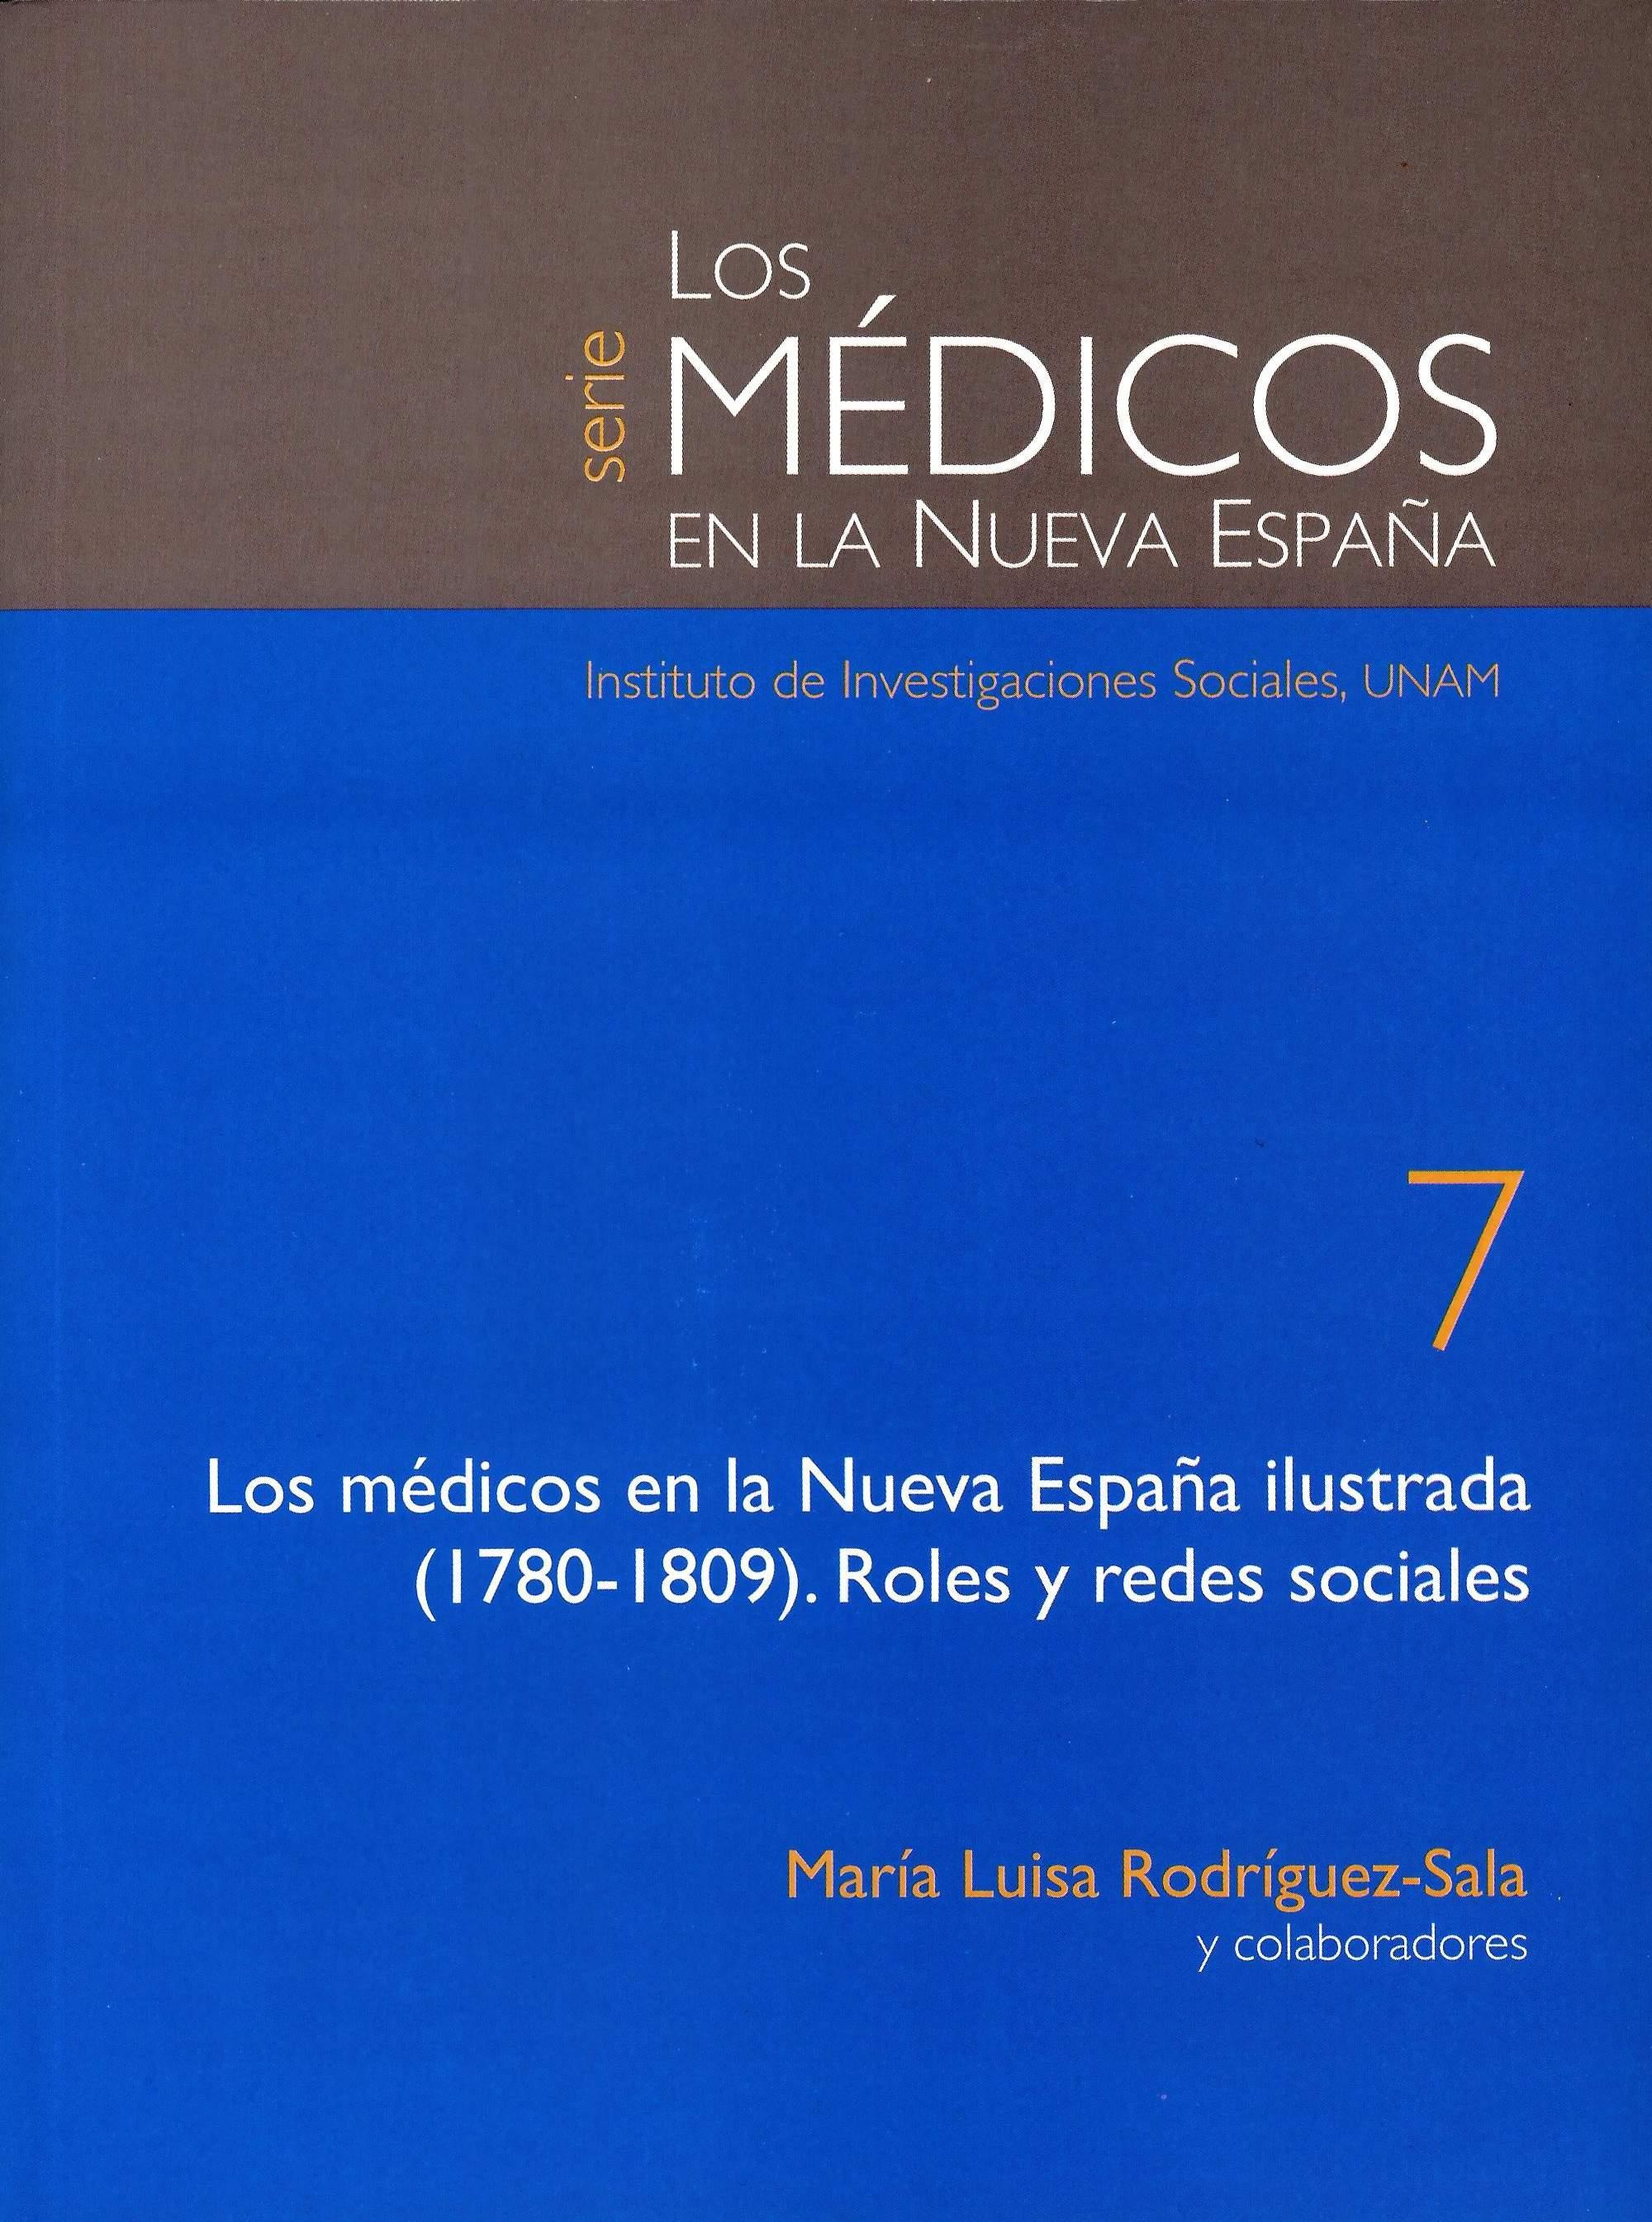 Los médicos en la Nueva España ilustrada (1780-1809): roles y redes sociales